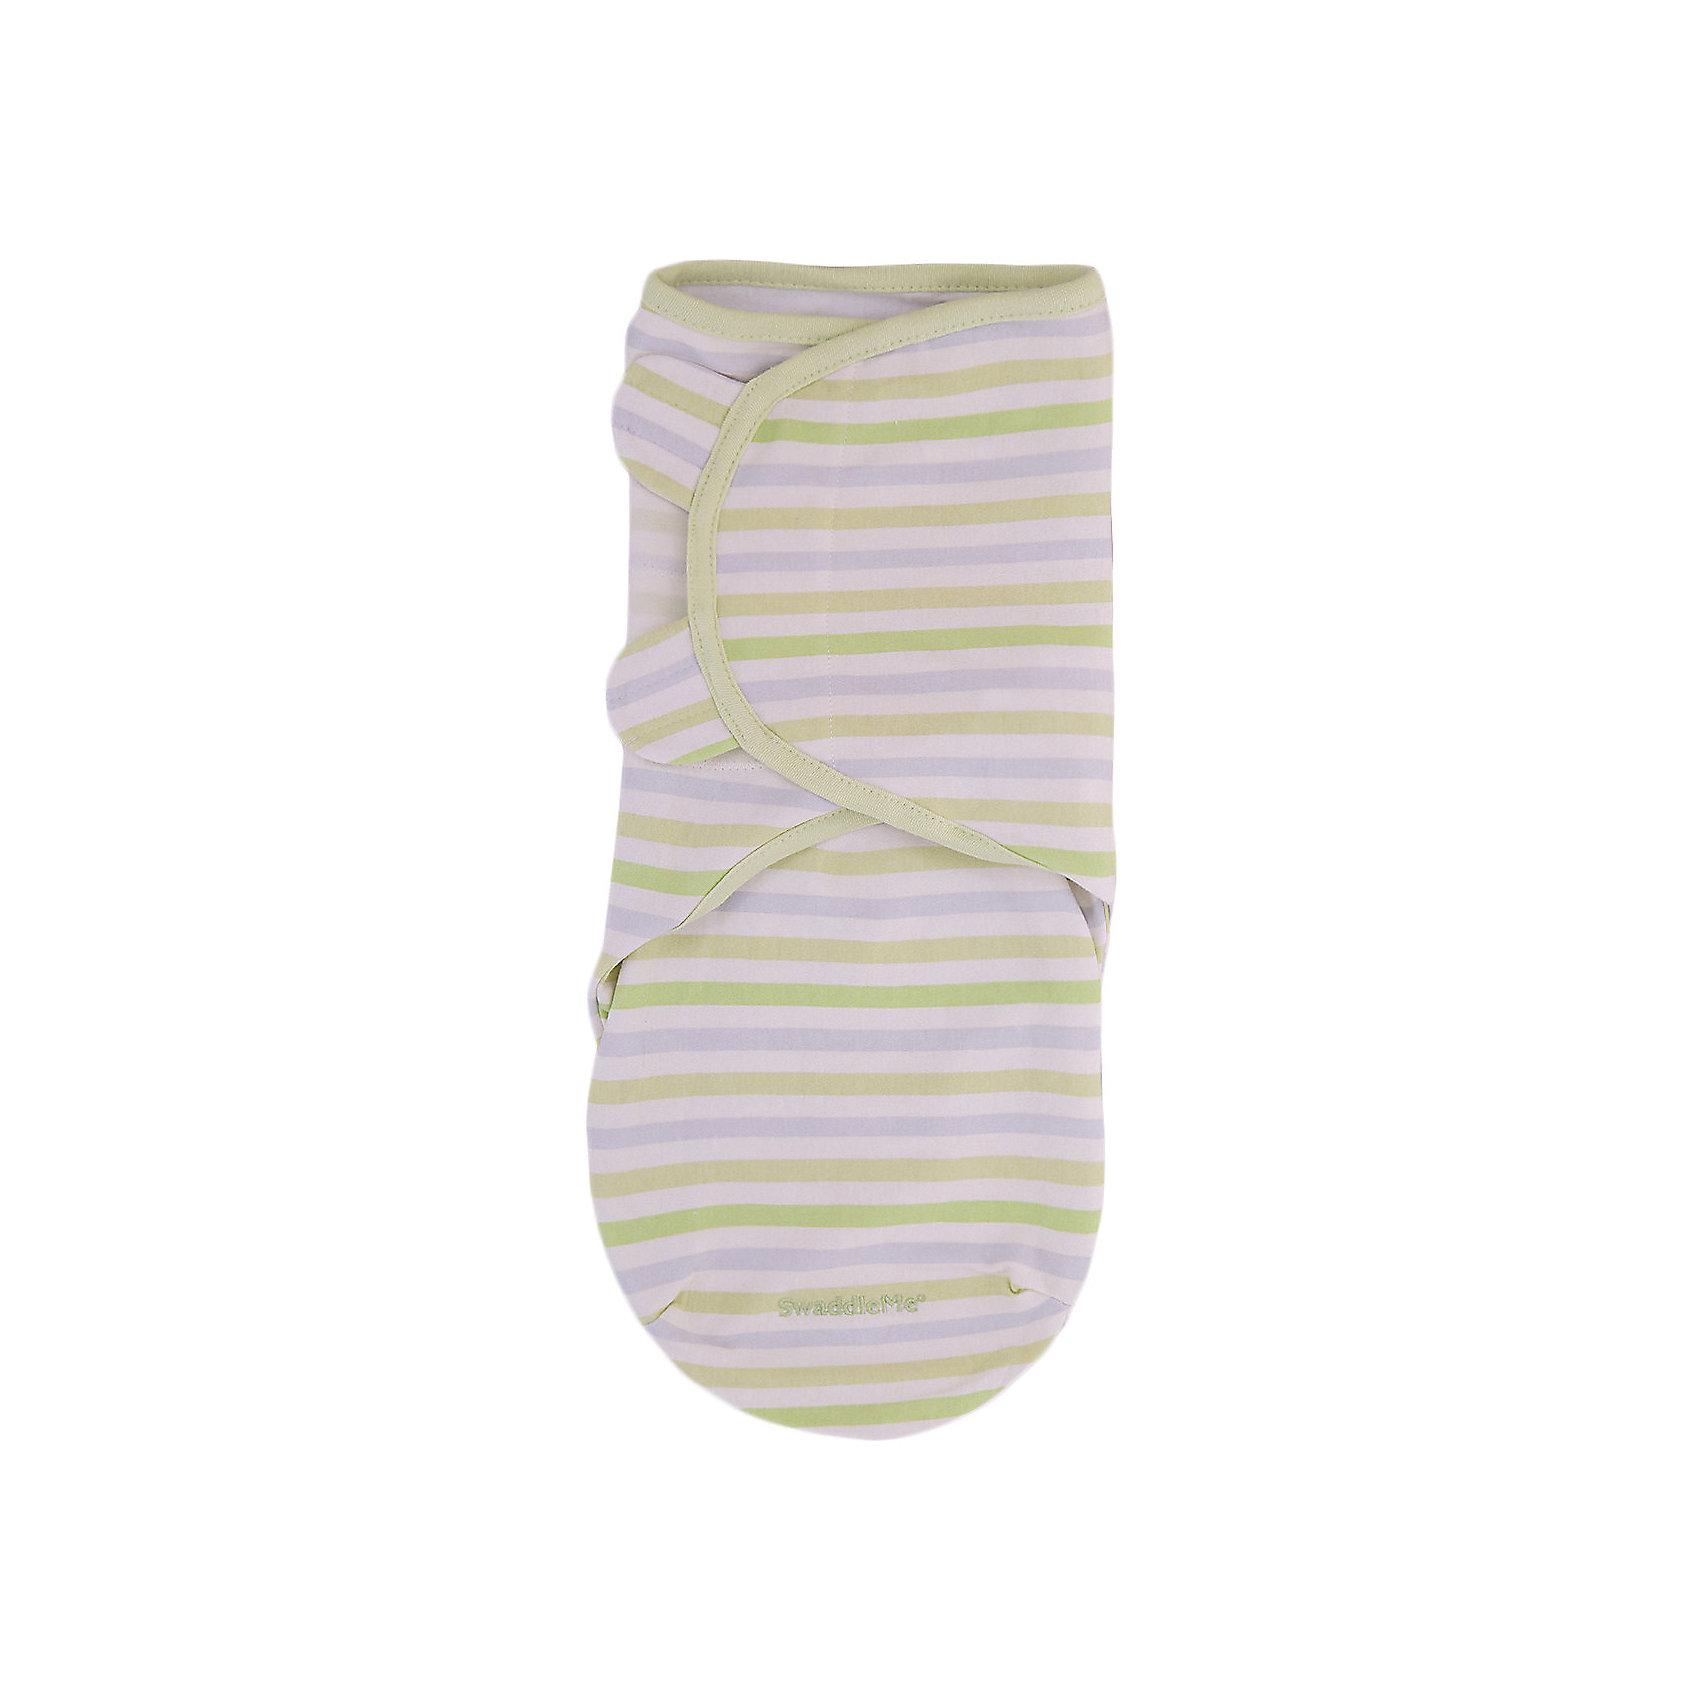 Конверт на липучке Swaddleme, размер S/M, Summer Infant, серо-зеленый,  полоскиПеленание<br>Характеристики конверта на липучке Swaddleme: <br><br>• конверт-мешок для детей первого года жизни;<br>• не сковывает движения ребенка;<br>• снижает рефлекс вздрагивания;<br>• конверт оснащен крыльями, малыш не сможет «освободиться» во время движений ручками;<br>• объятия крыльев регулируются по мере роста ребенка;<br>• тип застежки: липучки;<br>• отверстие в области ног ребенка для смены подгузника;<br>• размер конверта: S/M;<br>• длина конверта: 55 см;<br>• рост ребенка: 56-62 см;<br>• вес ребенка: 3-6 кг;<br>• возраст ребенка: от рождения до 3-х месяцев;<br>• состав ткани: 100% хлопок.<br><br>Конверт-мешок на липучке позволяет деткам первого года жизни вести себя спокойнее во сне, снижает рефлекс вздрагивания, при этом конверт не сковывает движений ребенка. Ручки обтянуты мягкими эластичными «крыльями» конверта, а ножками ребенок может легко теребить. Регулируемые объятия крыльев дают возможность подгонять размер конверта в зависимости от его роста и веса. Отверстие конверта в области ножек малыша дает возможность контролировать наполненность подгузника, чтобы осуществить своевременную его замену. <br><br>Размер упаковки: 27х15х2,5 см<br>Вес: 180 г<br><br>Конверт на липучке Swaddleme, размер S/M, Summer Infant, серо-зеленый, полоски можно купить в нашем интернет-магазине.<br><br>Ширина мм: 150<br>Глубина мм: 270<br>Высота мм: 25<br>Вес г: 180<br>Возраст от месяцев: 0<br>Возраст до месяцев: 3<br>Пол: Унисекс<br>Возраст: Детский<br>SKU: 5507999